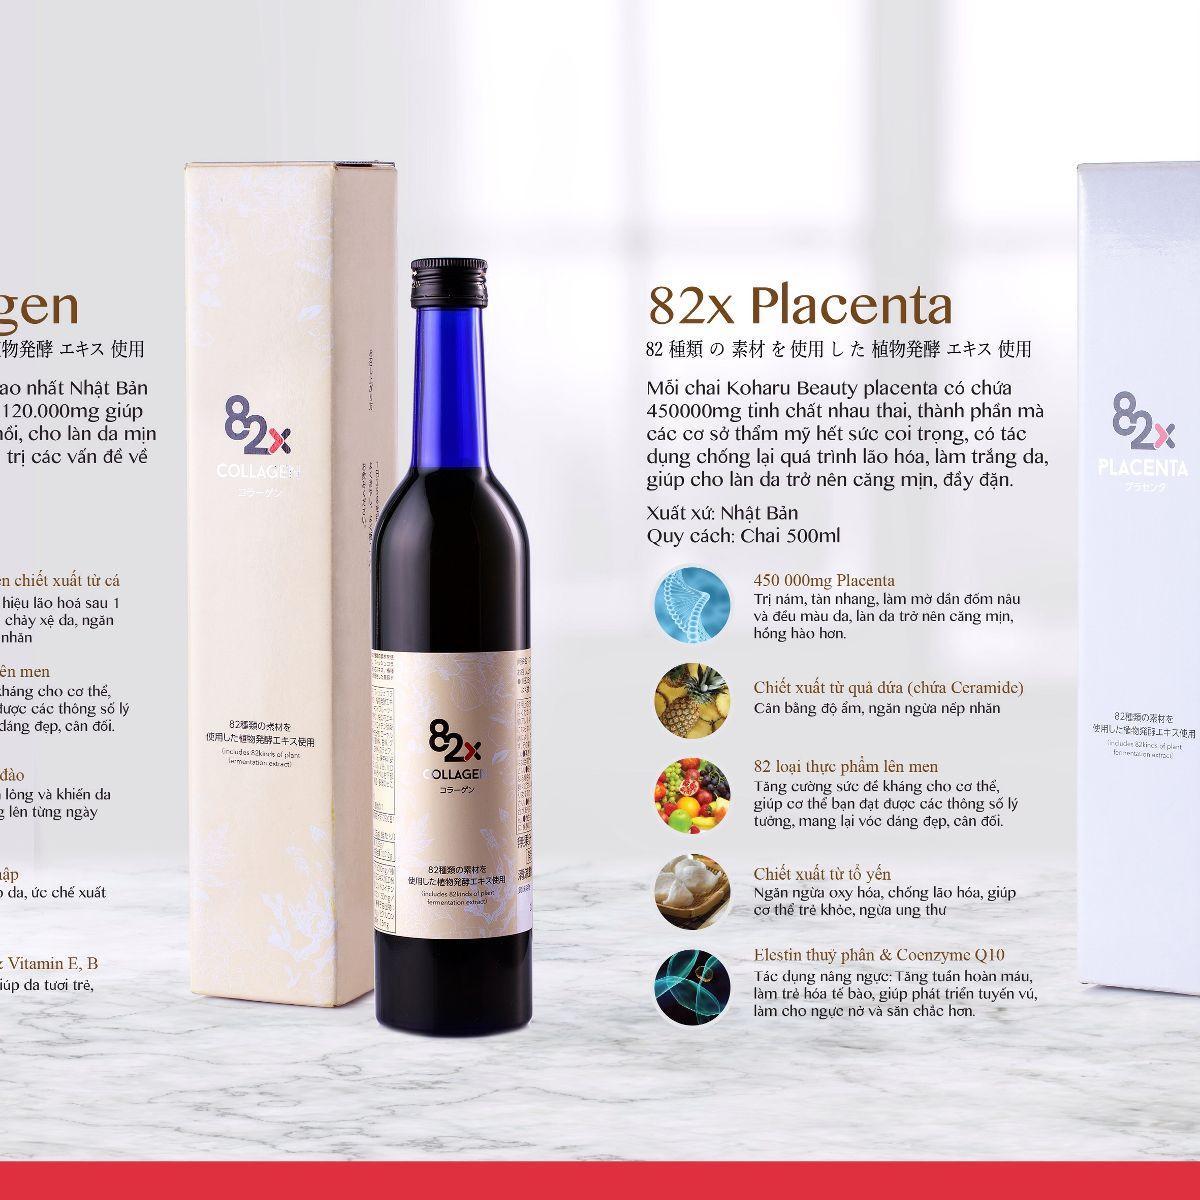 82X Placenta giảm nám và tàn nhang